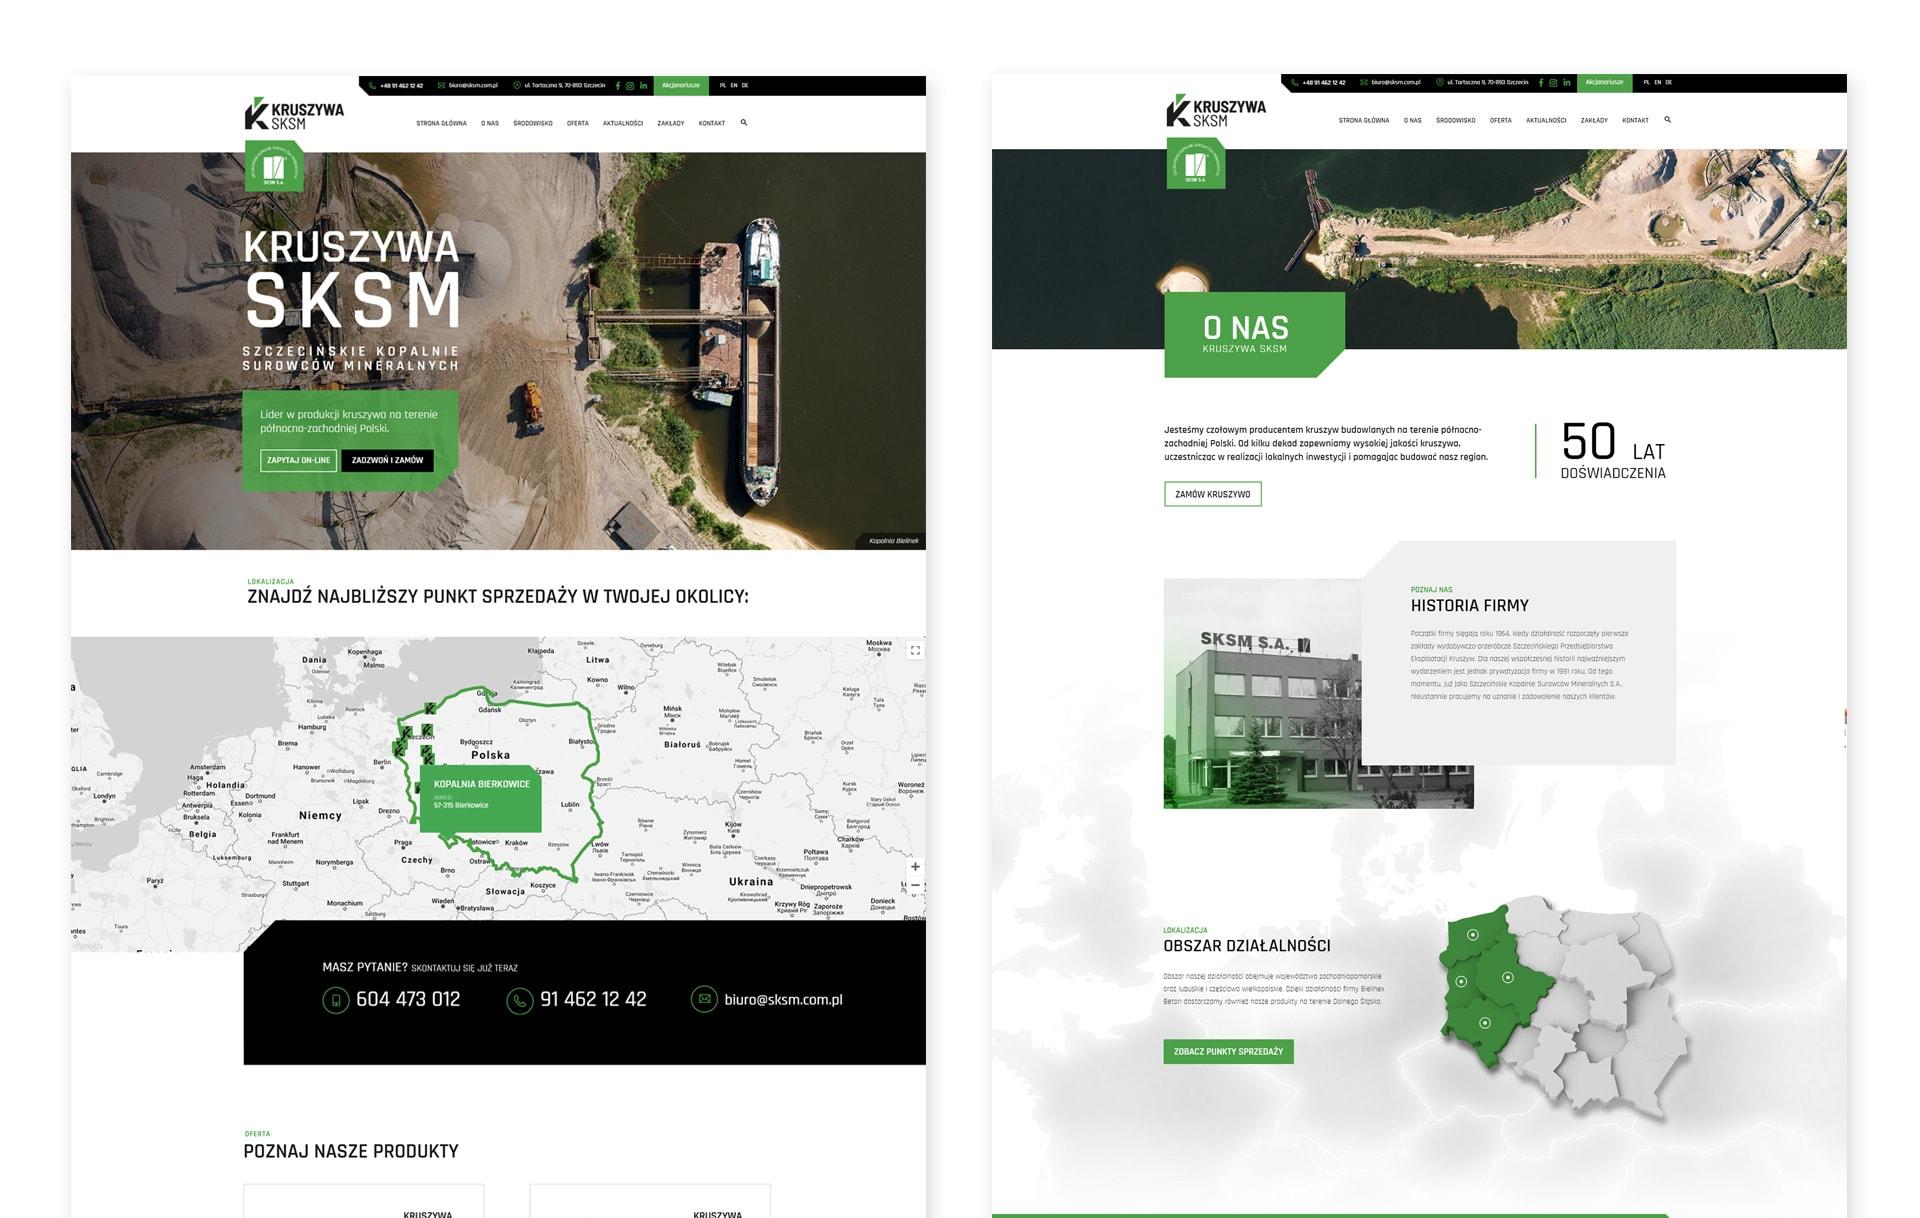 strona www kopalnie kruszyw polska